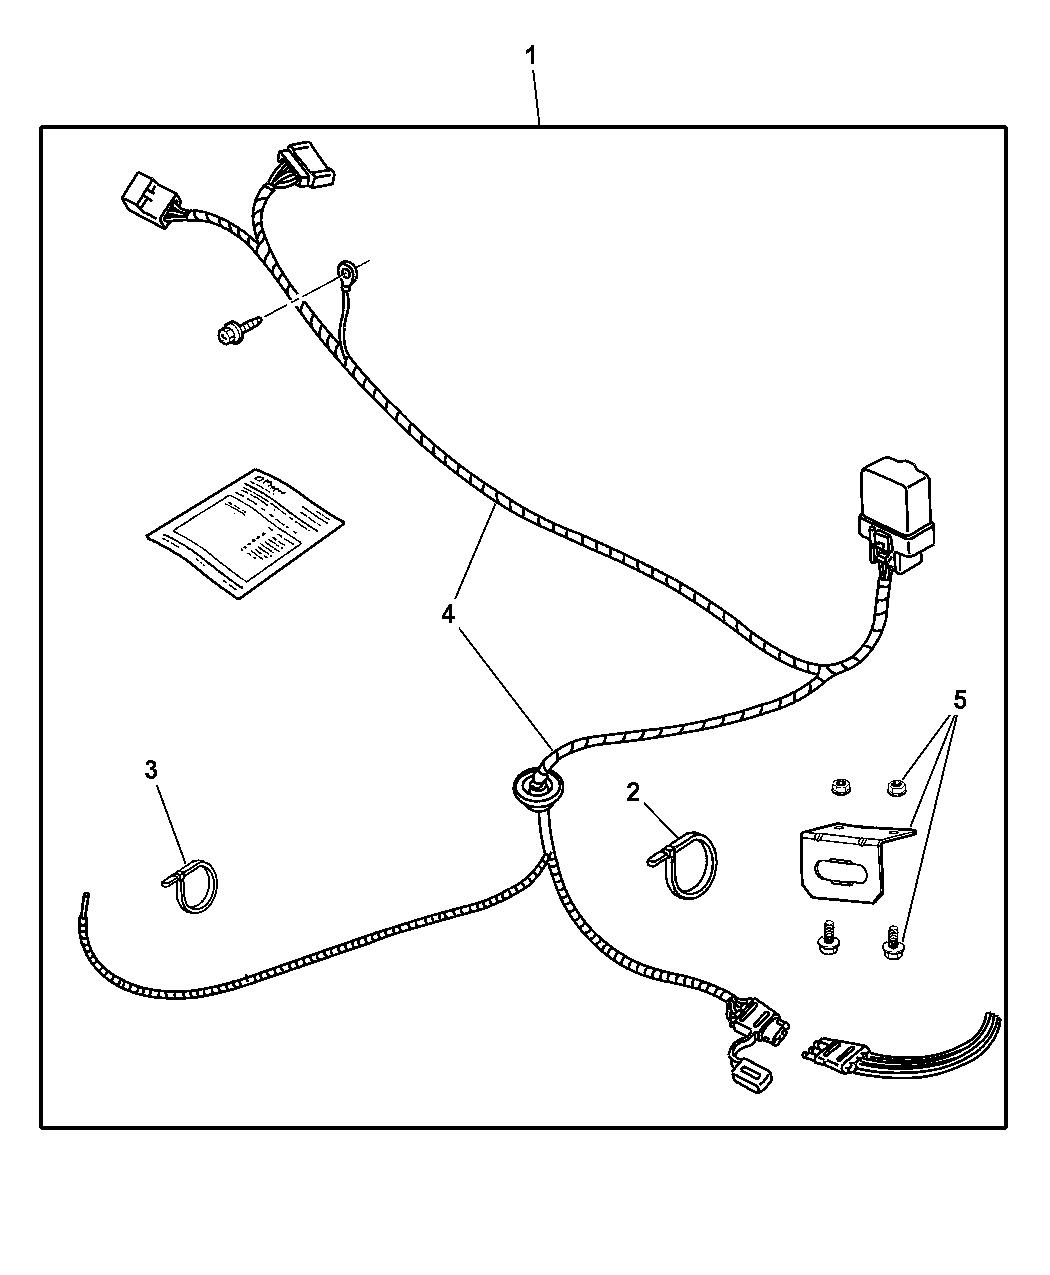 Wiring Manual PDF: 01 Chrysler Pt Cruiser Wire Diagrams